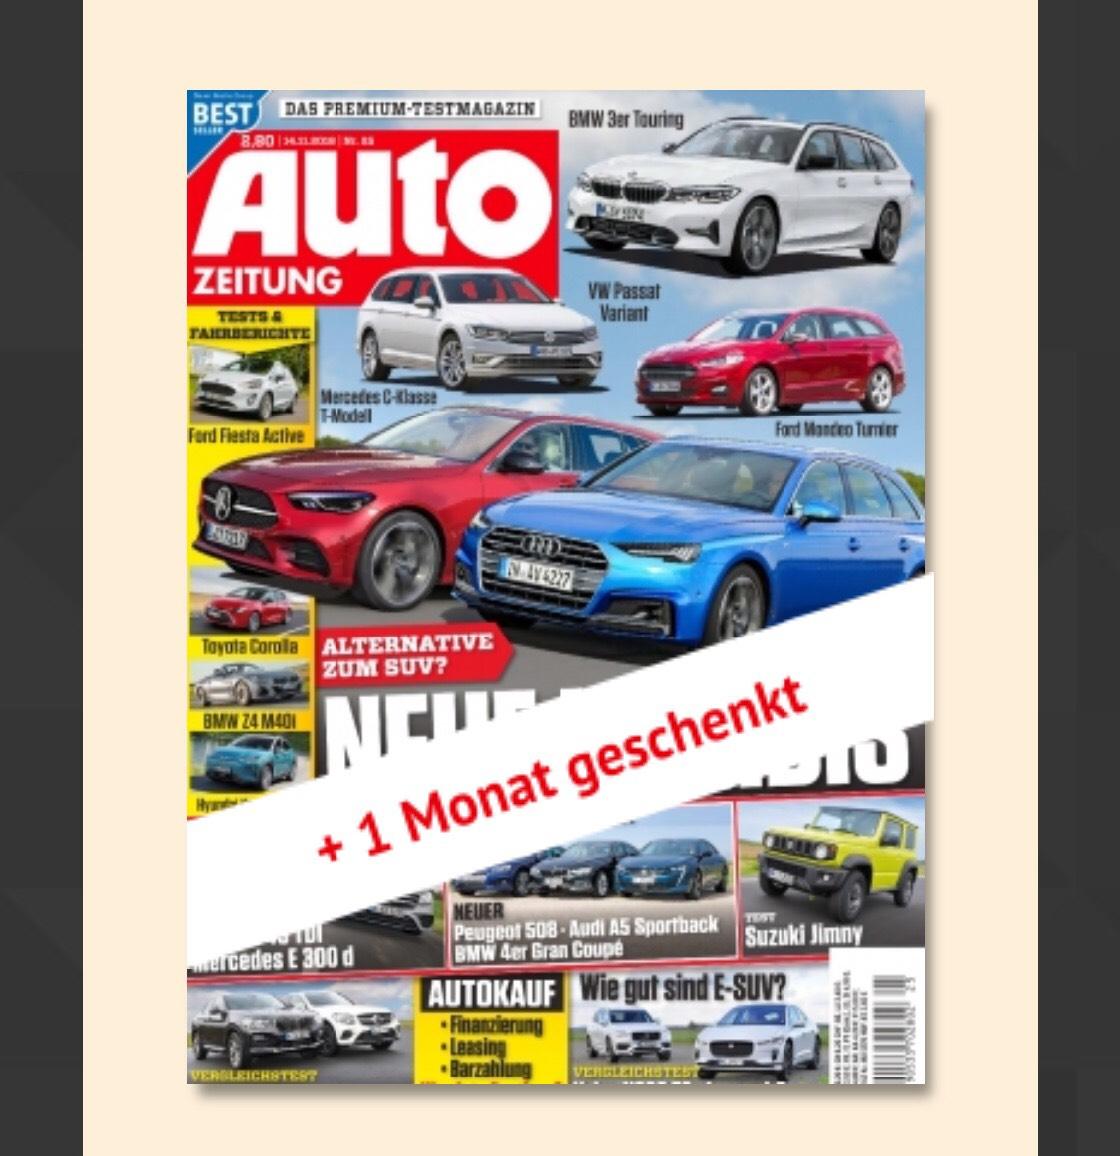 Jahresabo (25 Ausgaben) für 73,50€ + 75€ Bestchoise-Gutschein